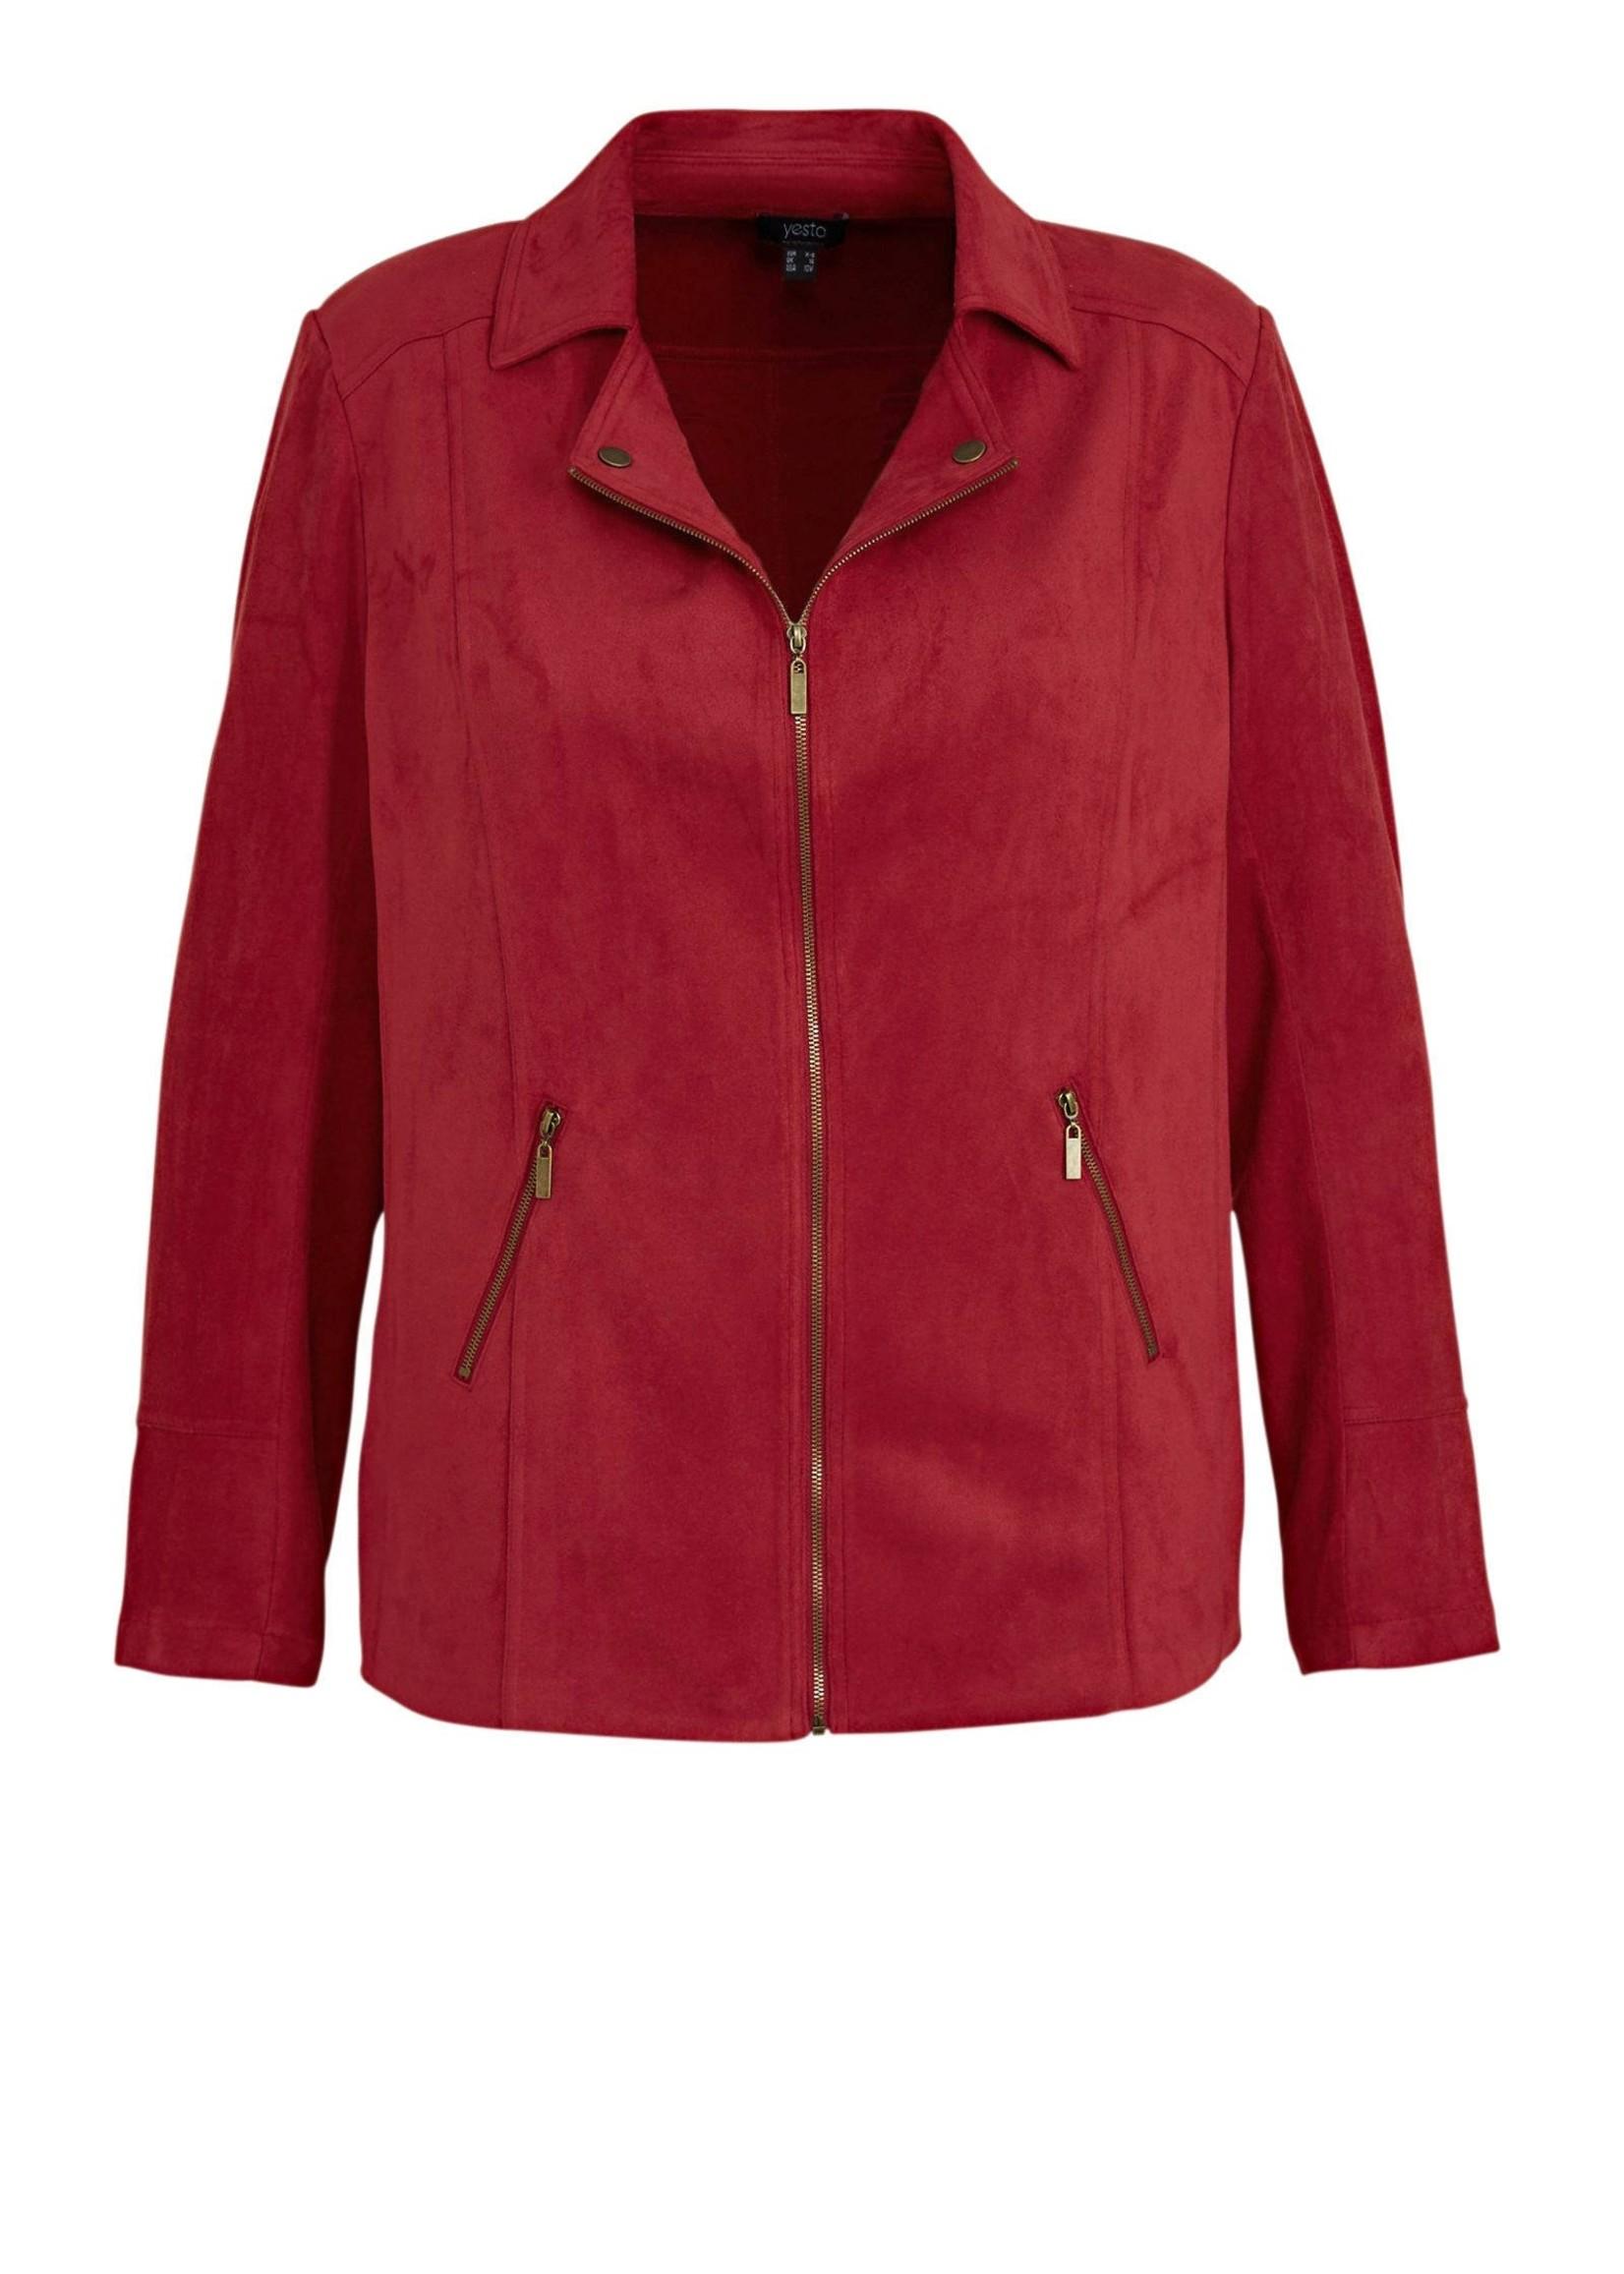 Yesta Yesta Warm Red Jacket